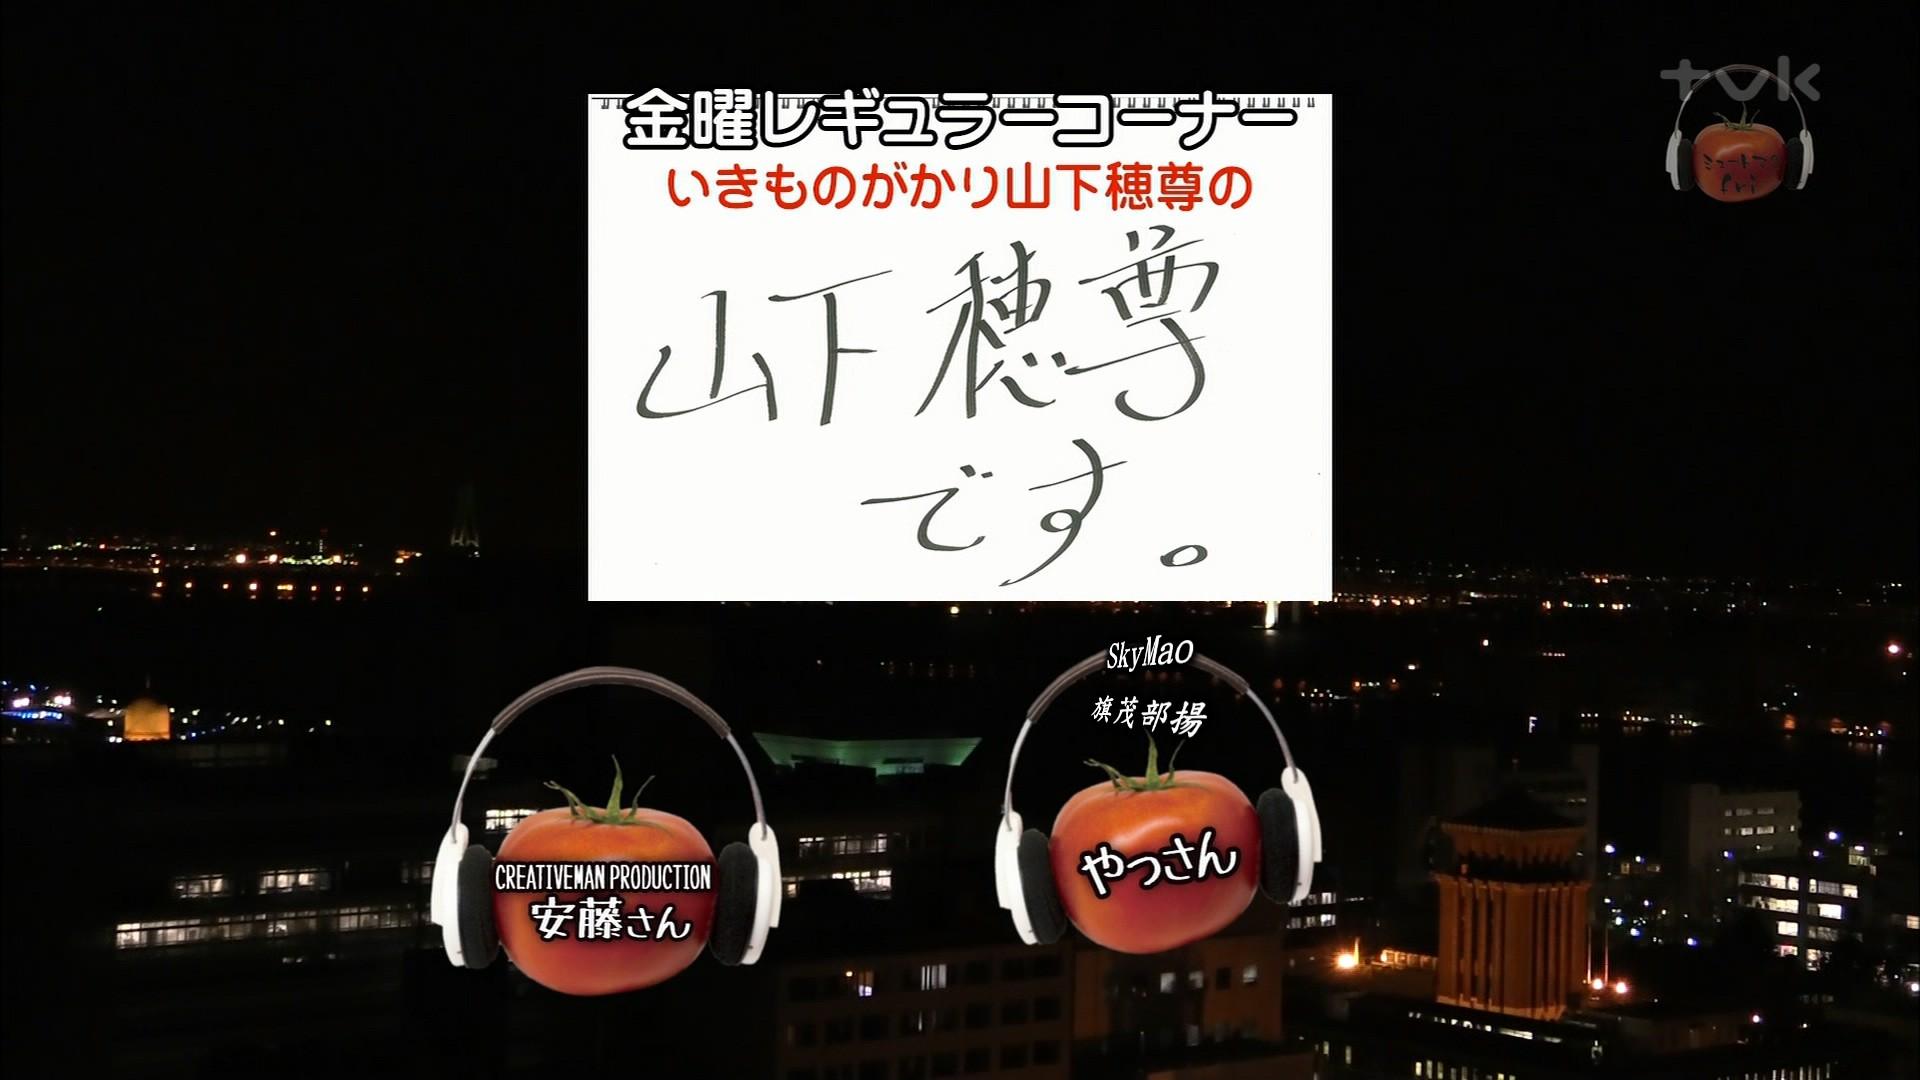 2017.10.06 全場(ミュートマ2).ts_20171007_005556.290